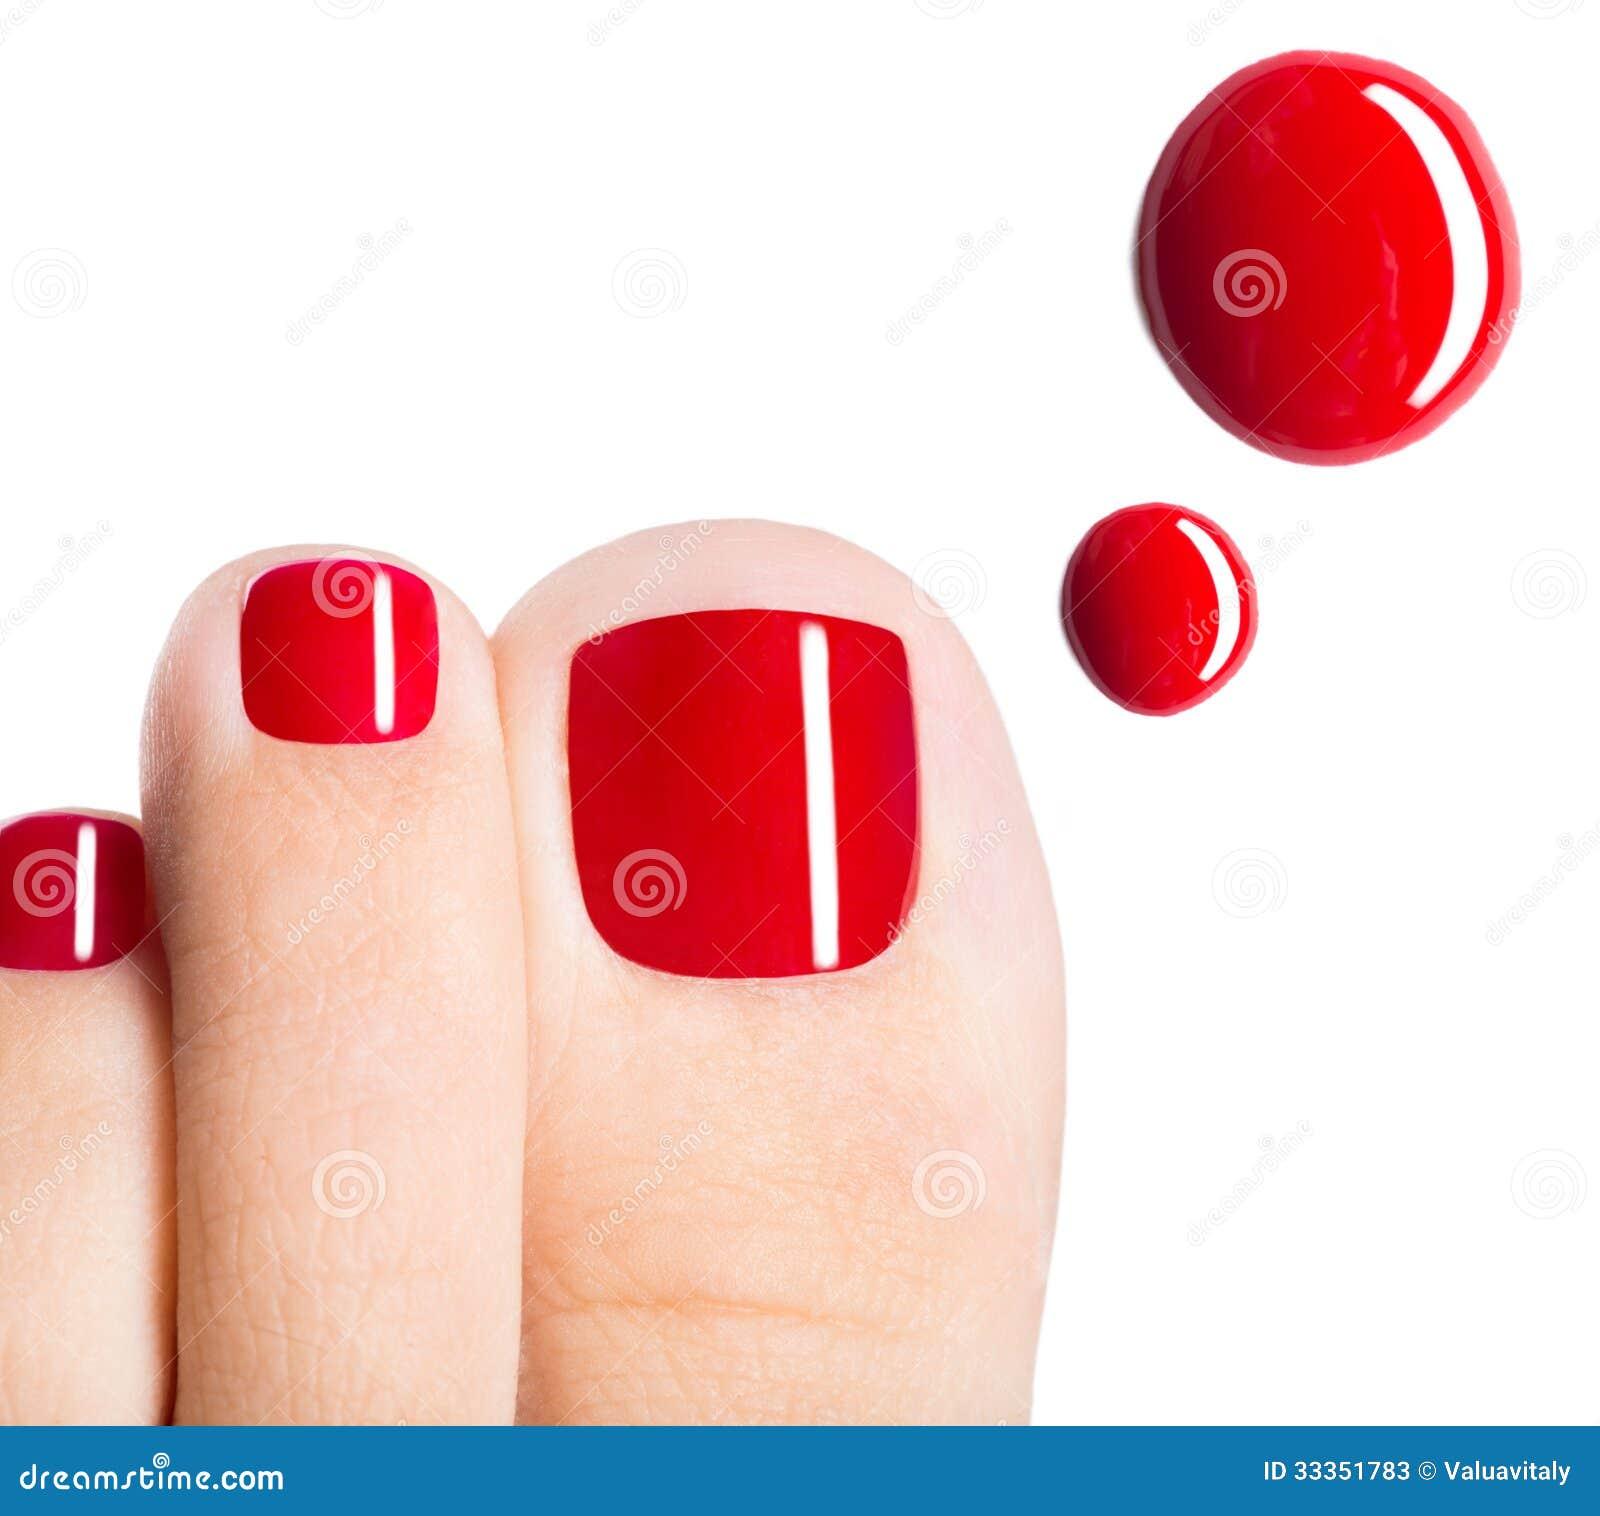 скачать фото женских пальчиков ног